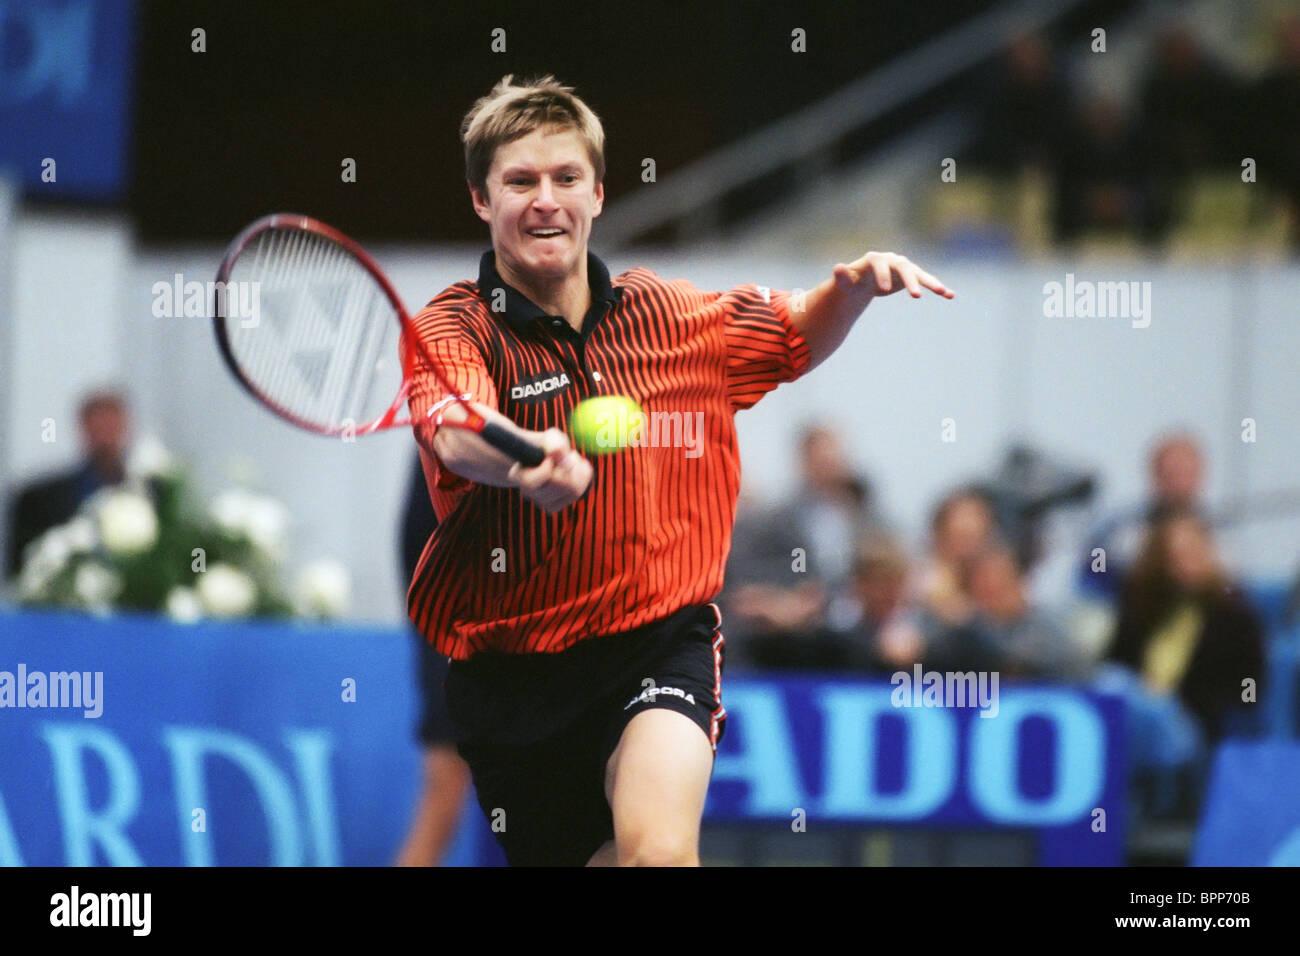 Yevgeny Kafelnikov 1997 Stock Royalty Free Image